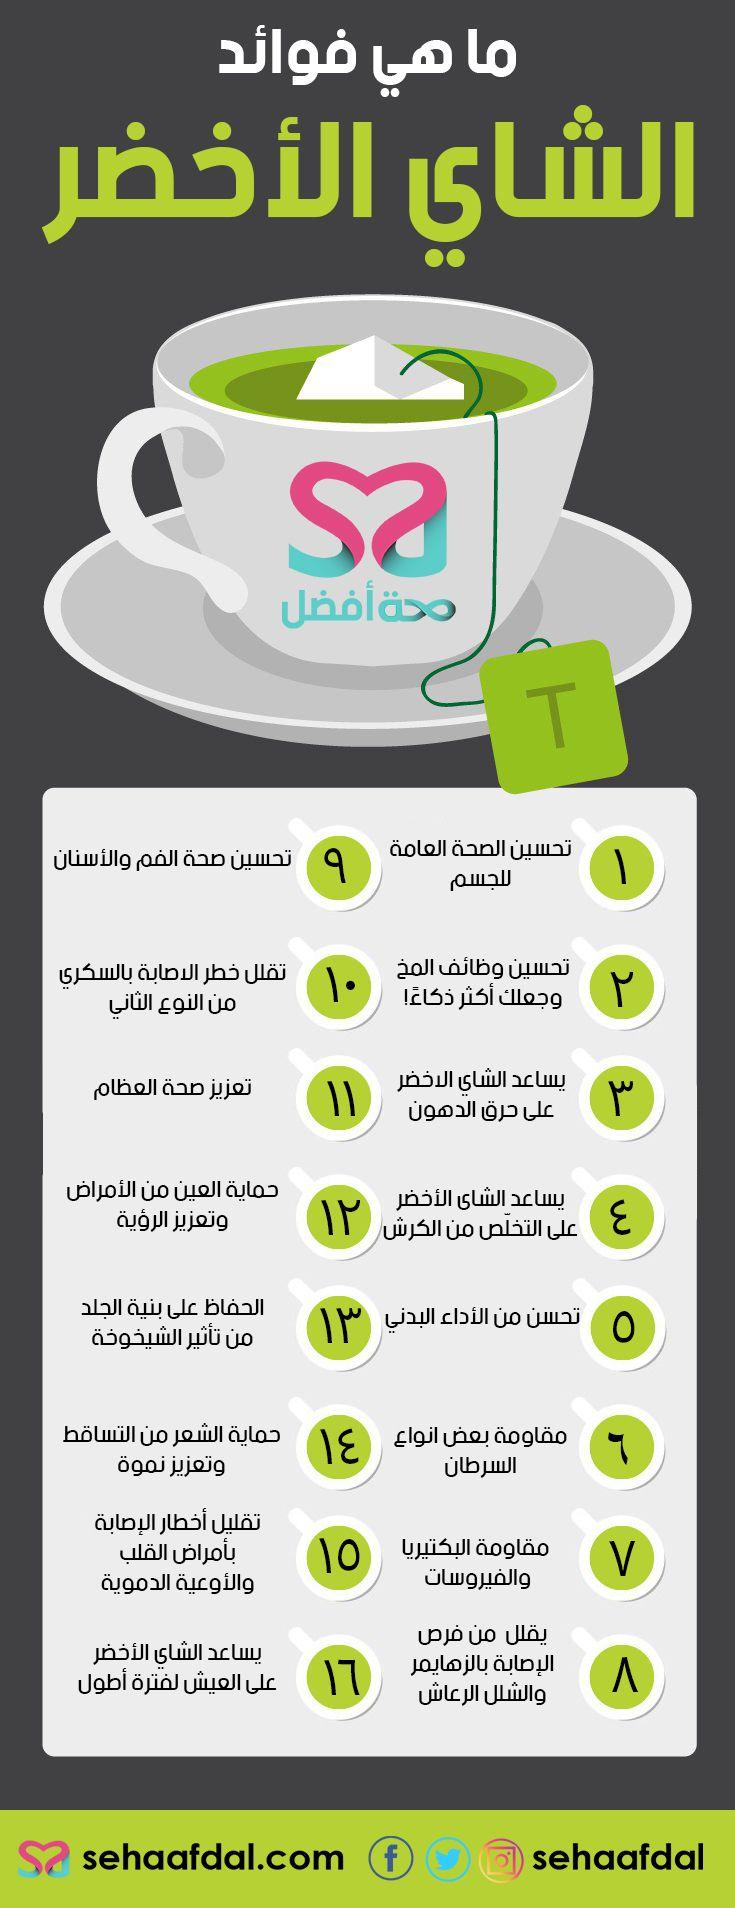 ما هي فوائد الشاي الاخضر واضراره وكيف تحمى نفسك من آثاره الجانبية Health Facts Food Natural Medicine Health Facts